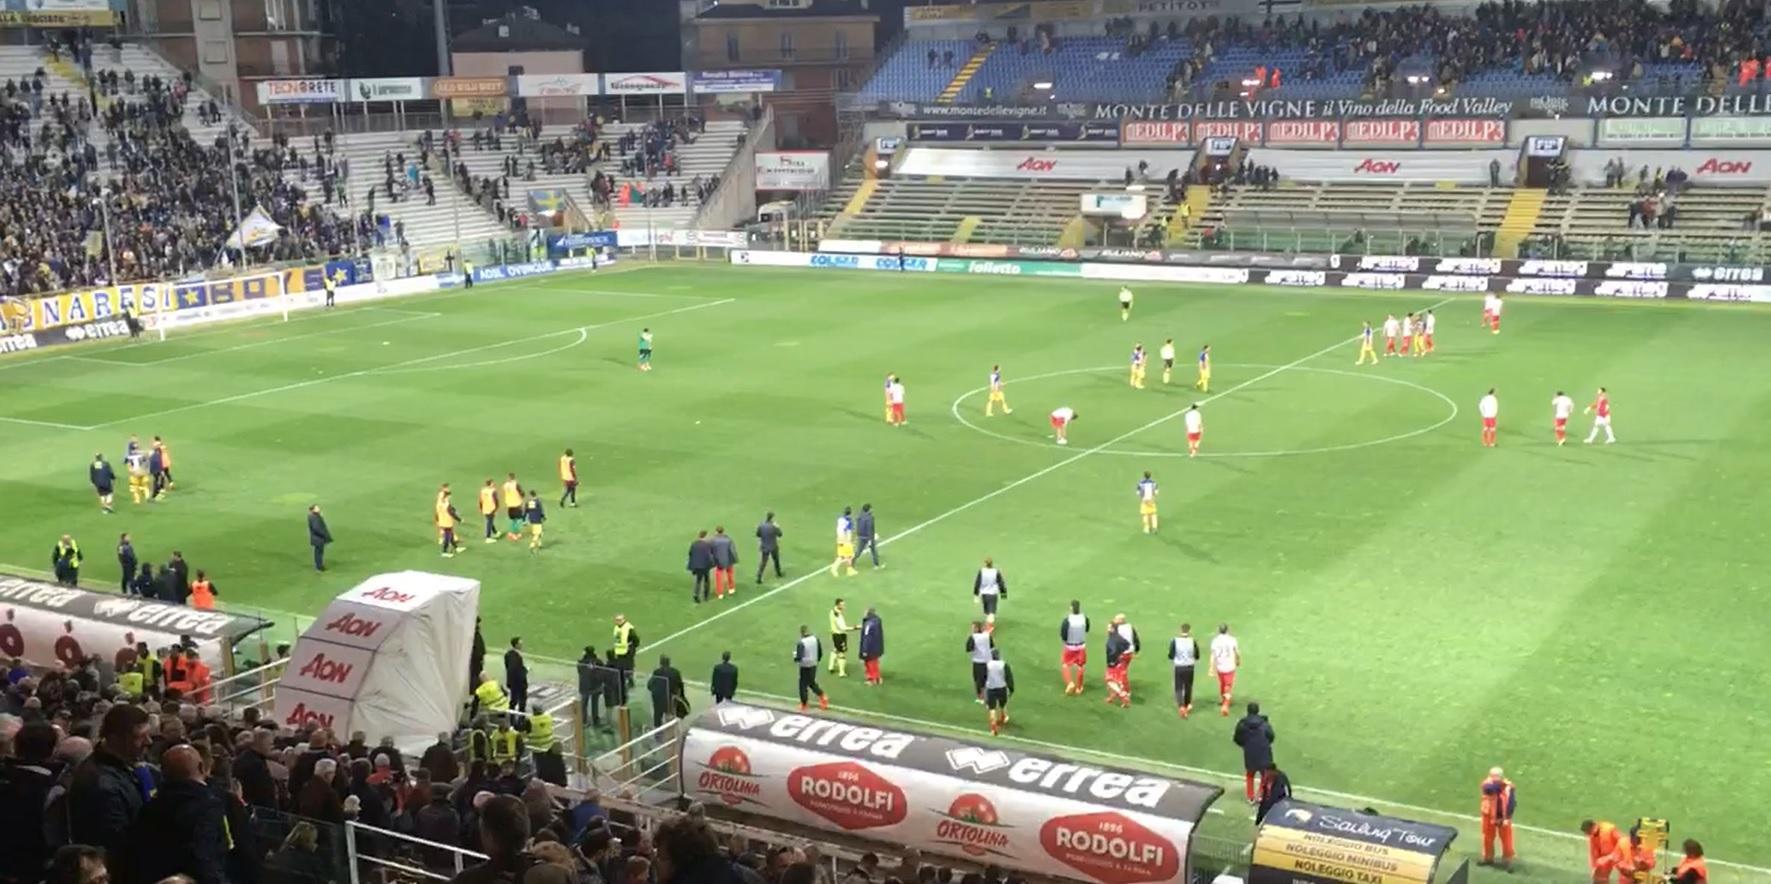 """Maceratese, Giunti: """"Parma non è da Lega Pro, ma dovevamo osare di più"""""""